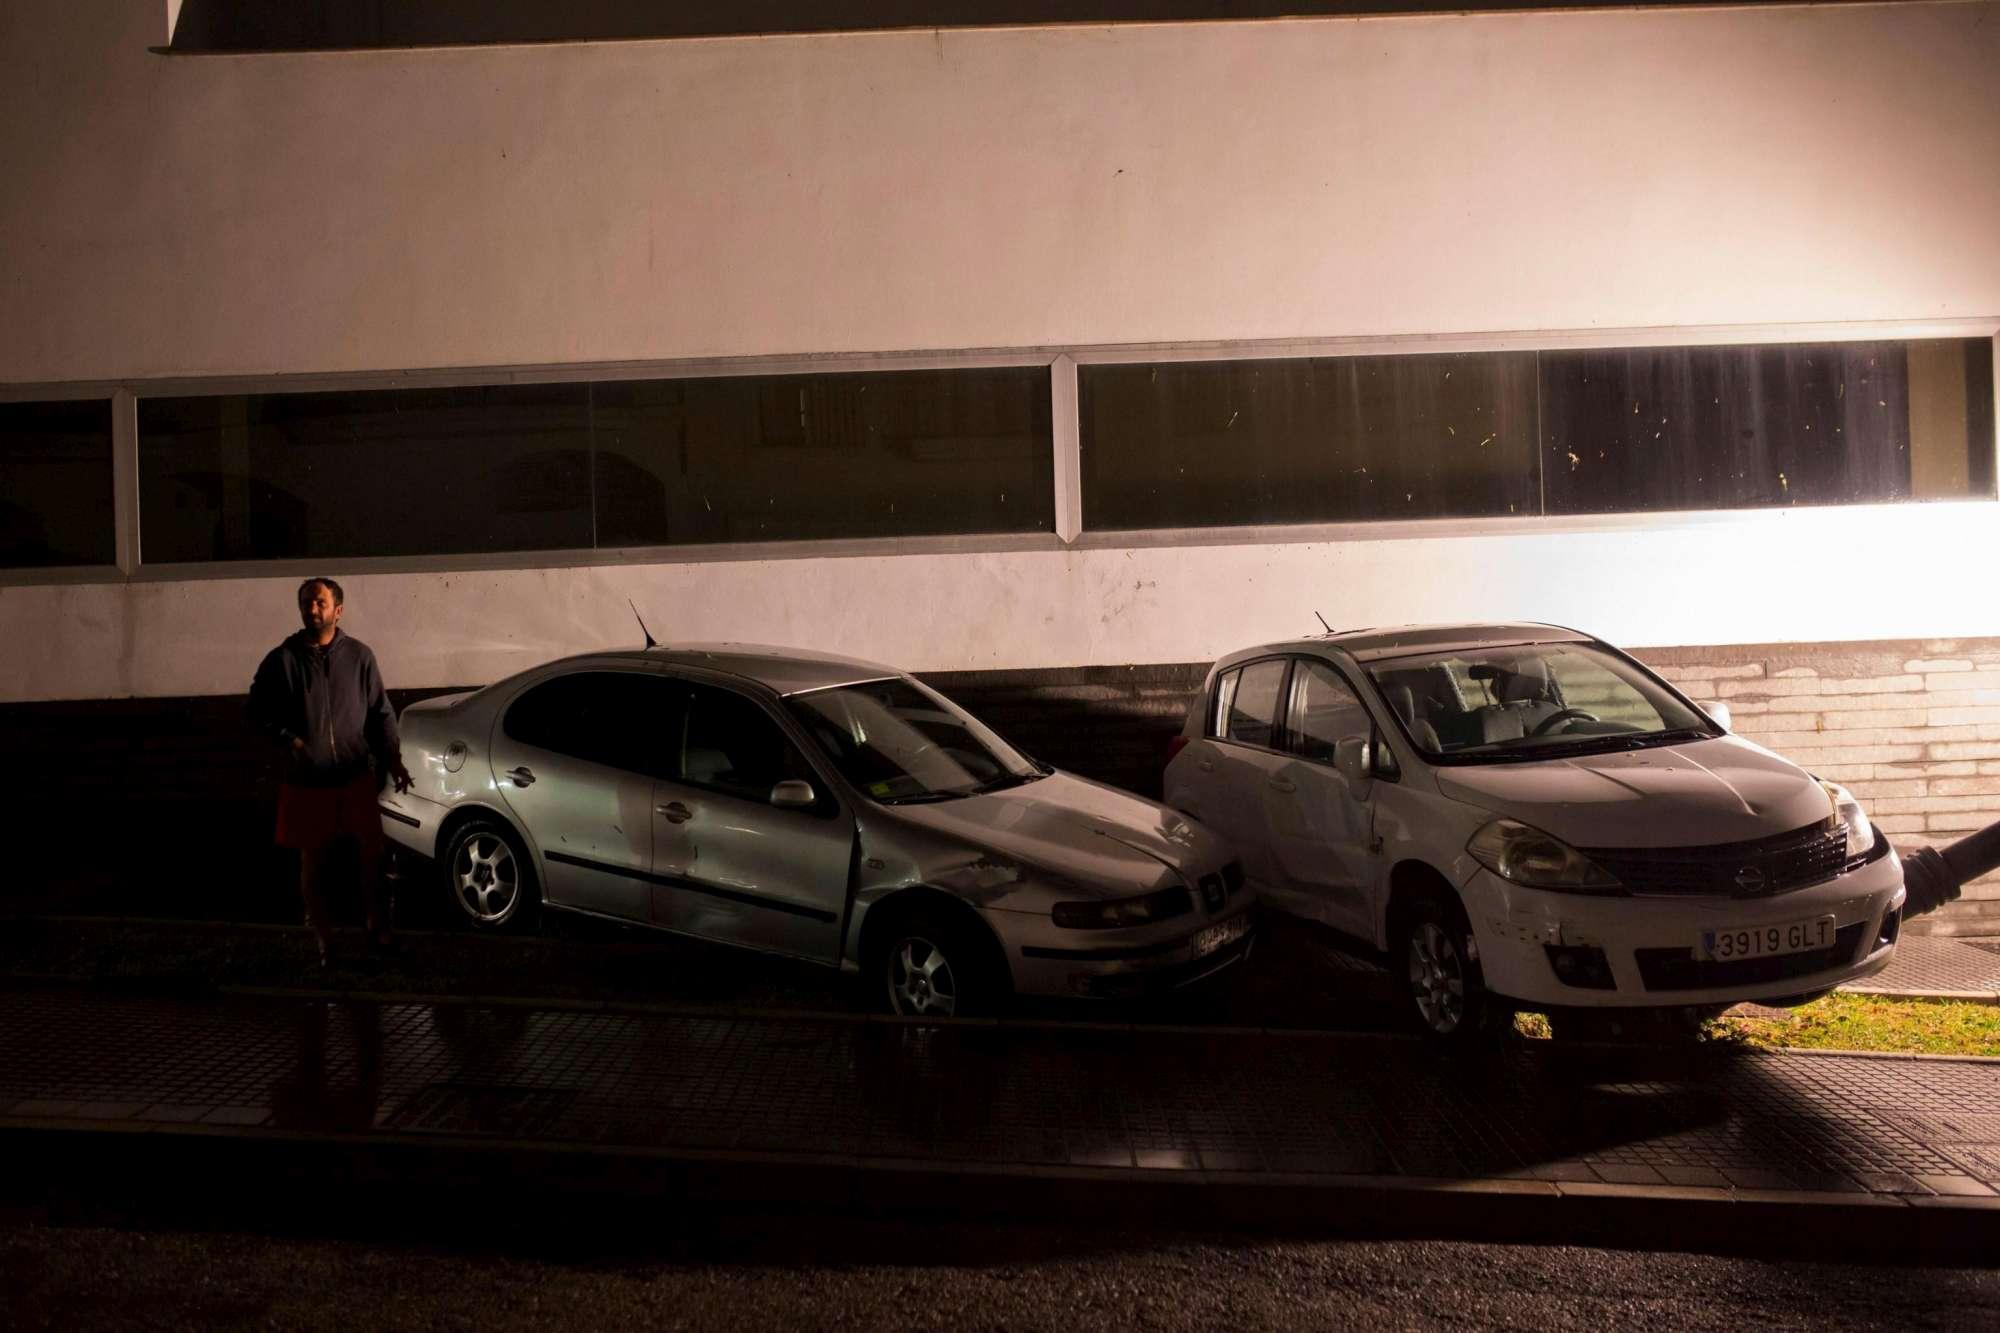 Spagna, forte ondata di maltempo nel sud-est del Paese